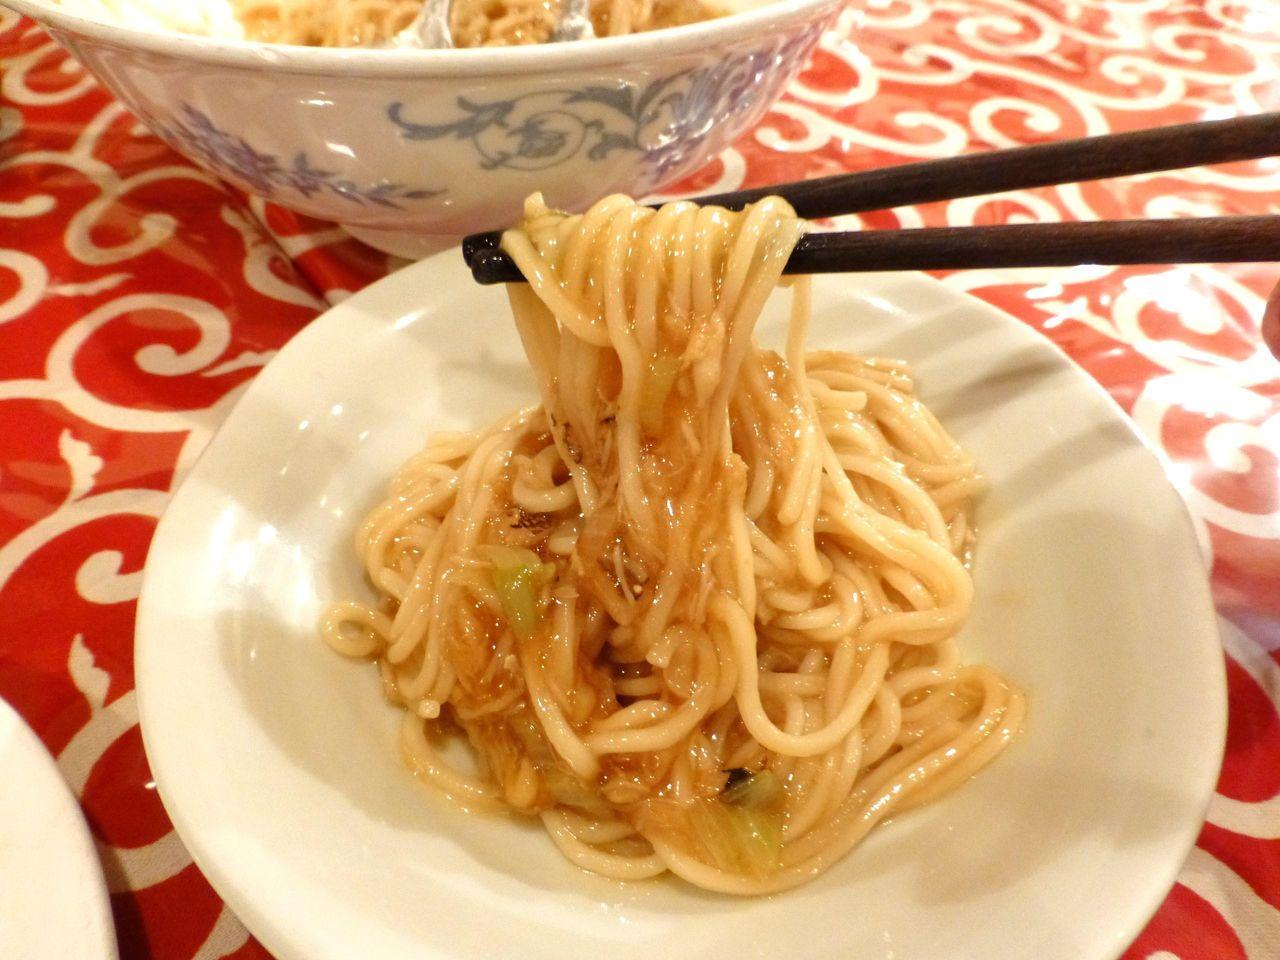 残った蟹肉で作った混ぜ麺は、メッチャ旨いぞ!